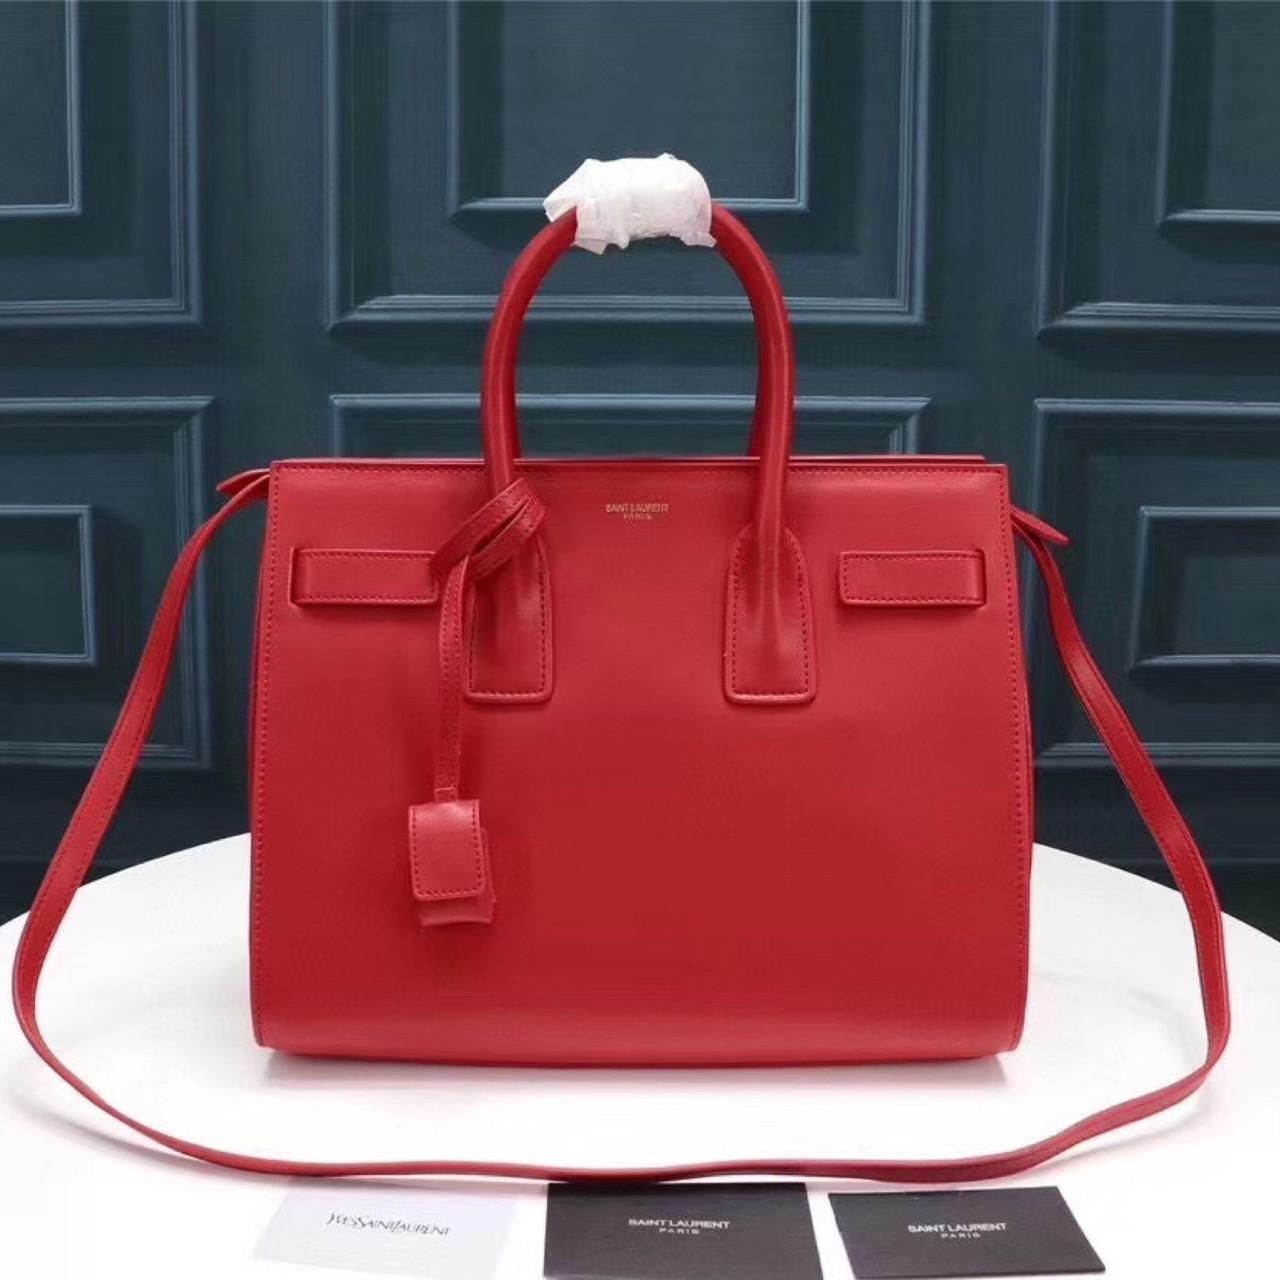 Cумка Classic Sac De Jour Ив Сен Лоран натуральная кожа  32 см, цвет красный